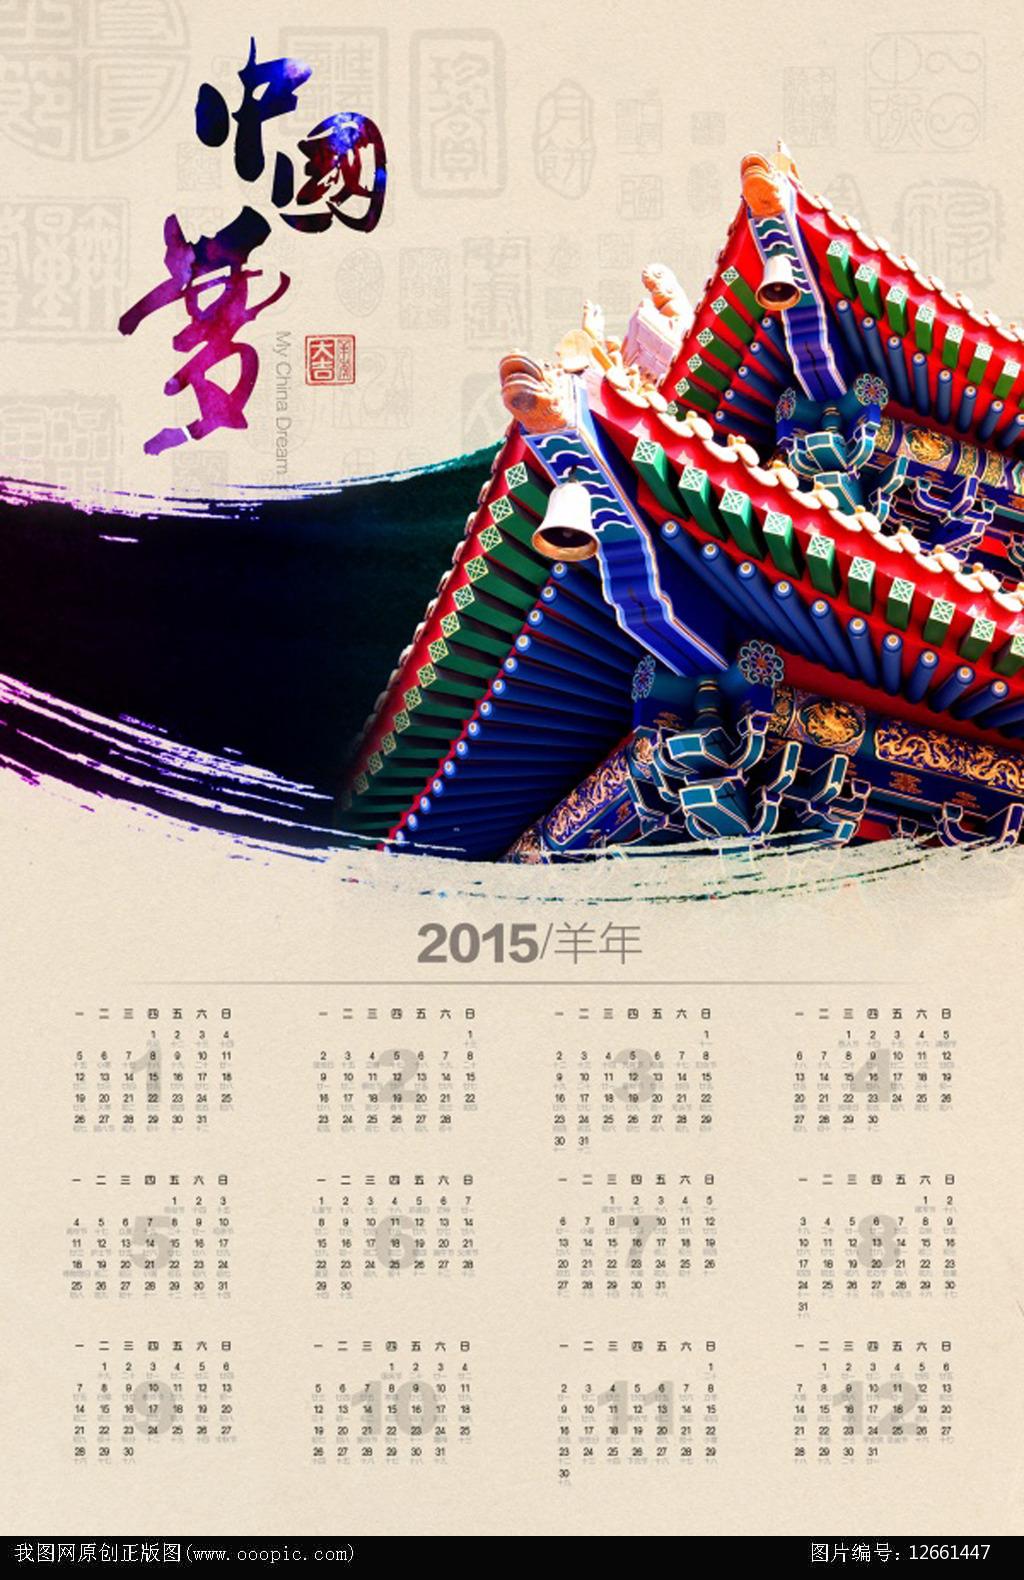 2015年历表模板下载(图片编号:12661447)图片